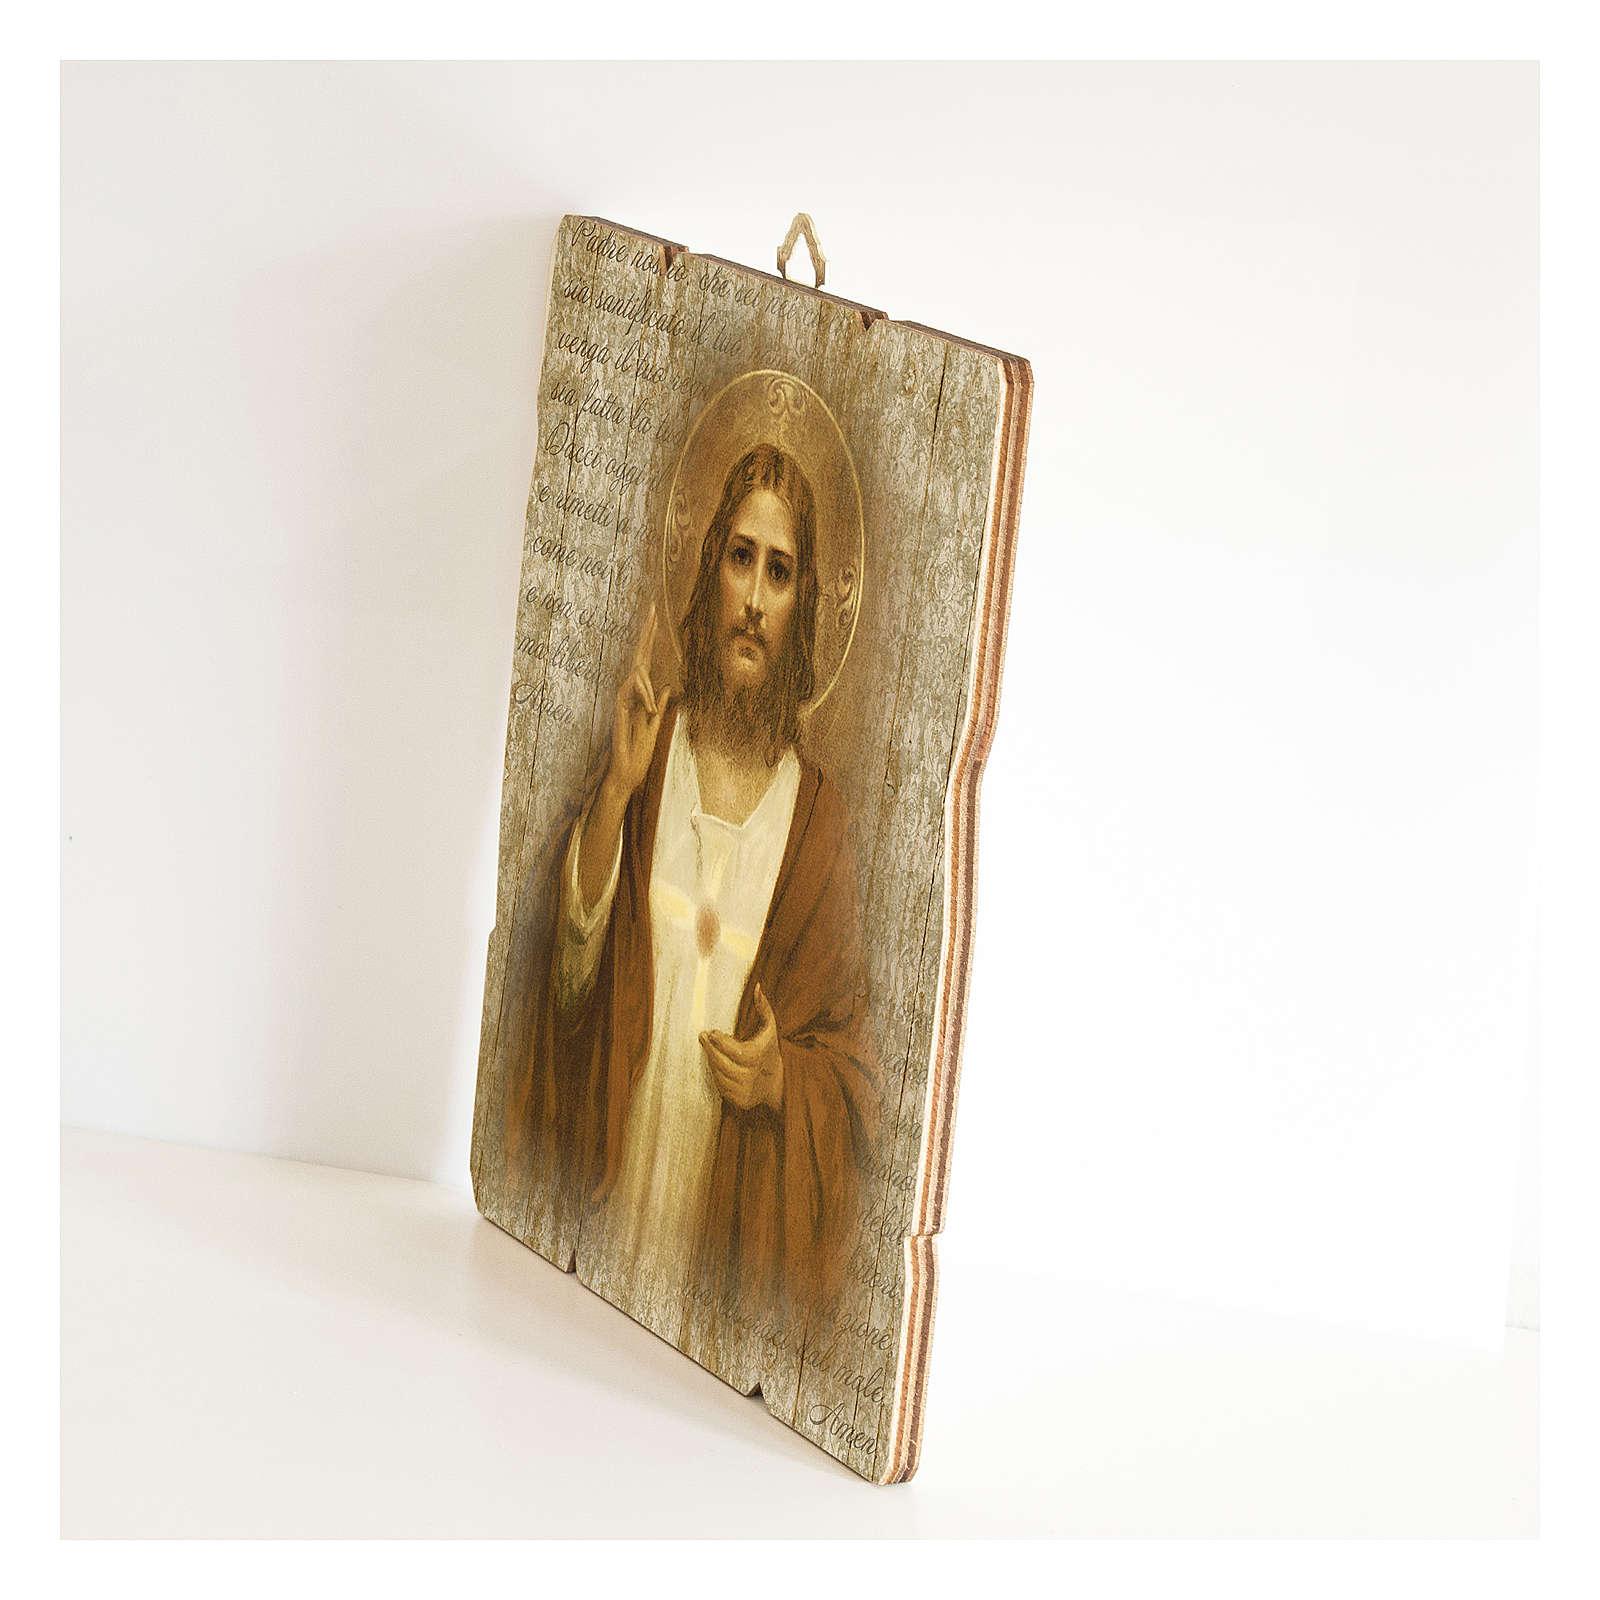 Obraz z drewna Najświętsze Serce Jezusa profilowany brzeg 3